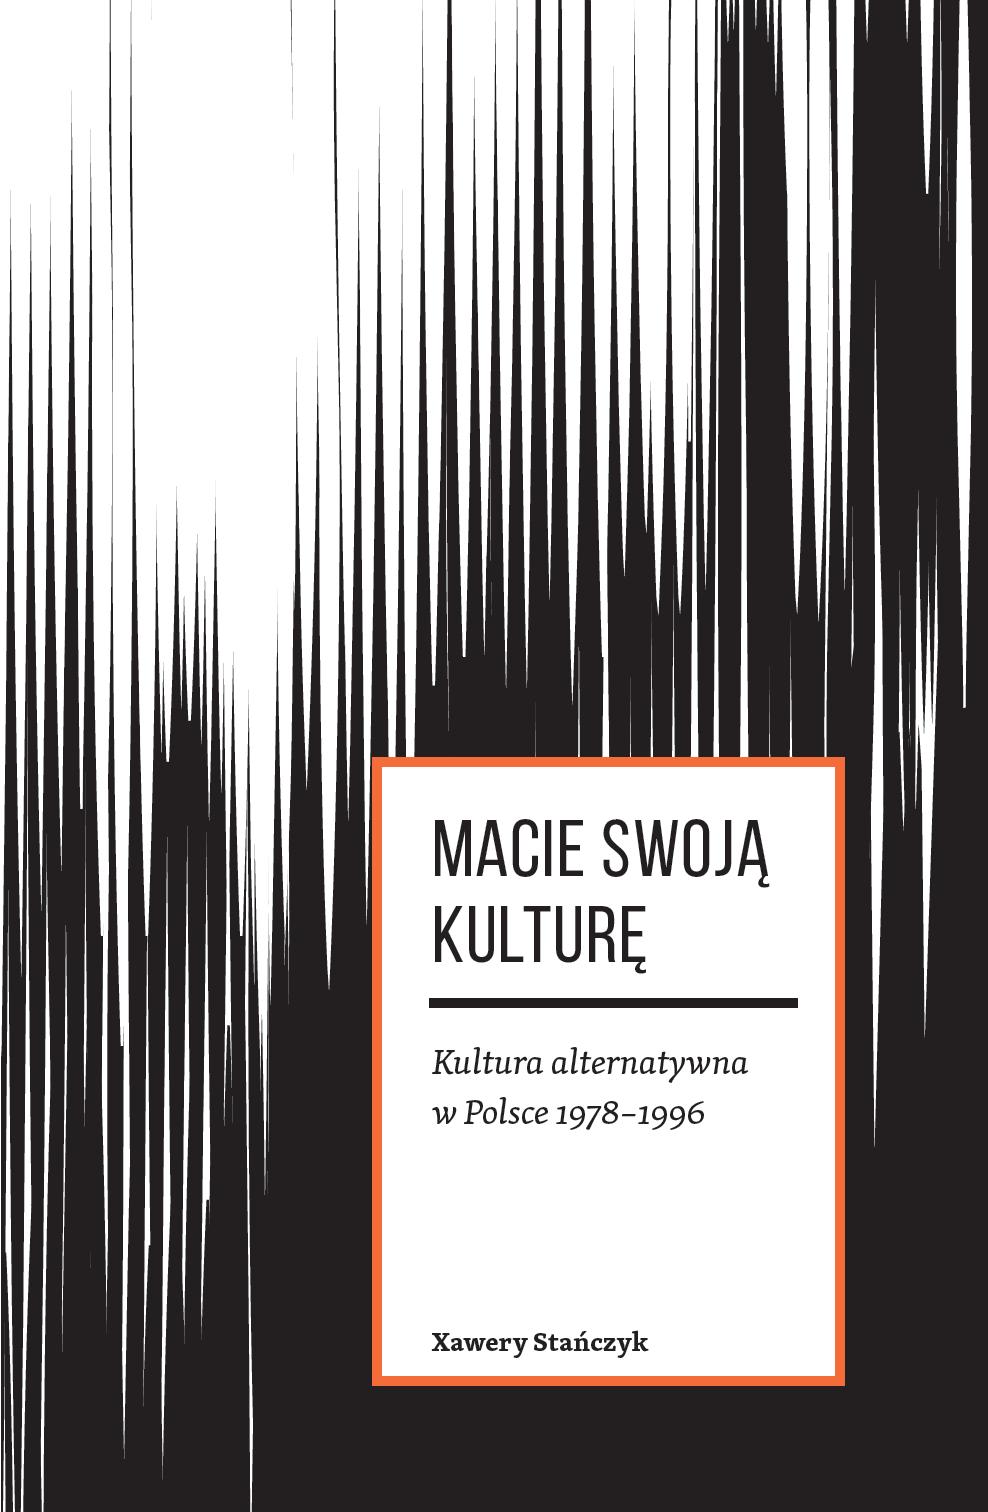 """Xawery Stańczyk, """"Macie swoją kulturę. Kultura alternatywna w Polsce 1978-1996"""" (źródło: materiały prasowe organizatora)"""